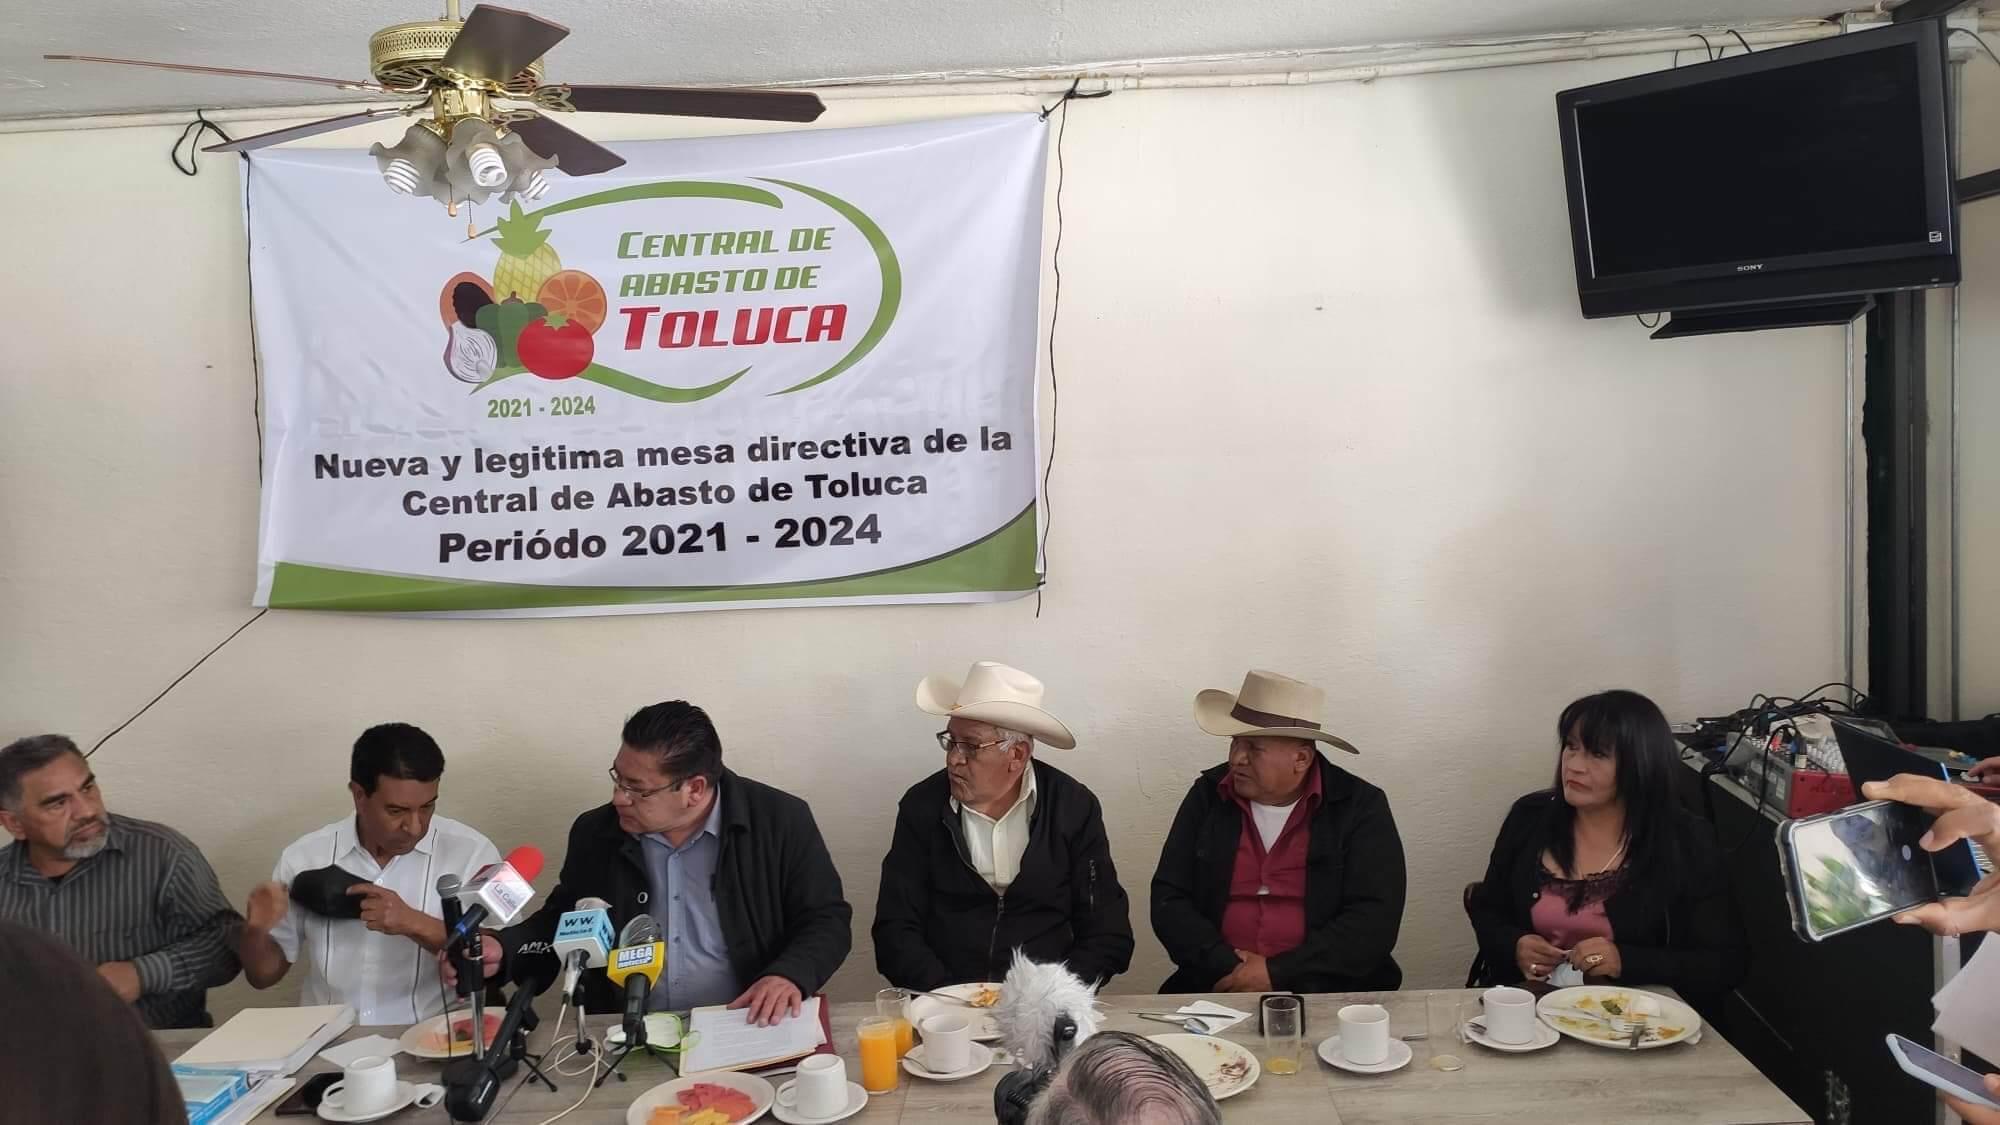 Crece pugna por control de Central de Abastos Toluca